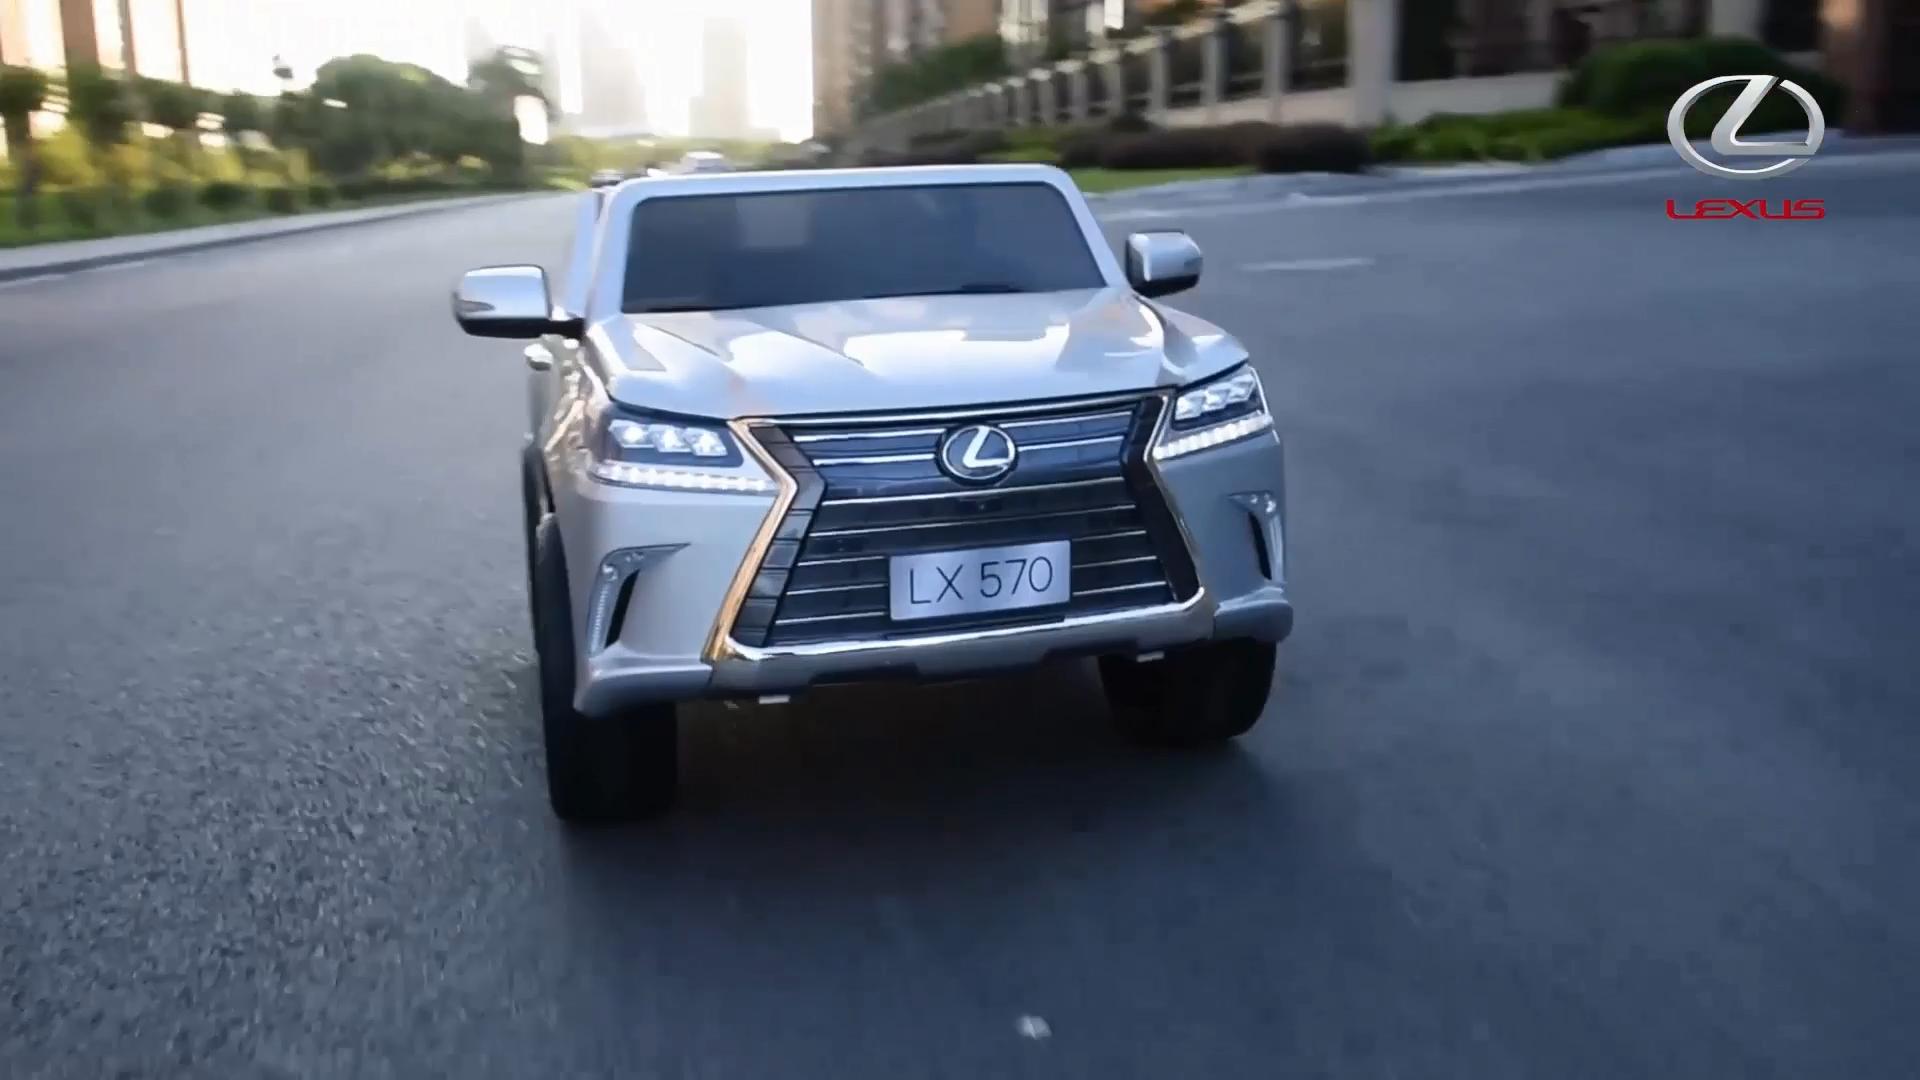 Großhandel China Lieferant Heißer Verkauf 4 Sitzer 2020 lizenzierte Lexus-570 12V Kinder Smart Fahrt Auf Spielzeug 2,4G fernbedienung control Elektrische Auto